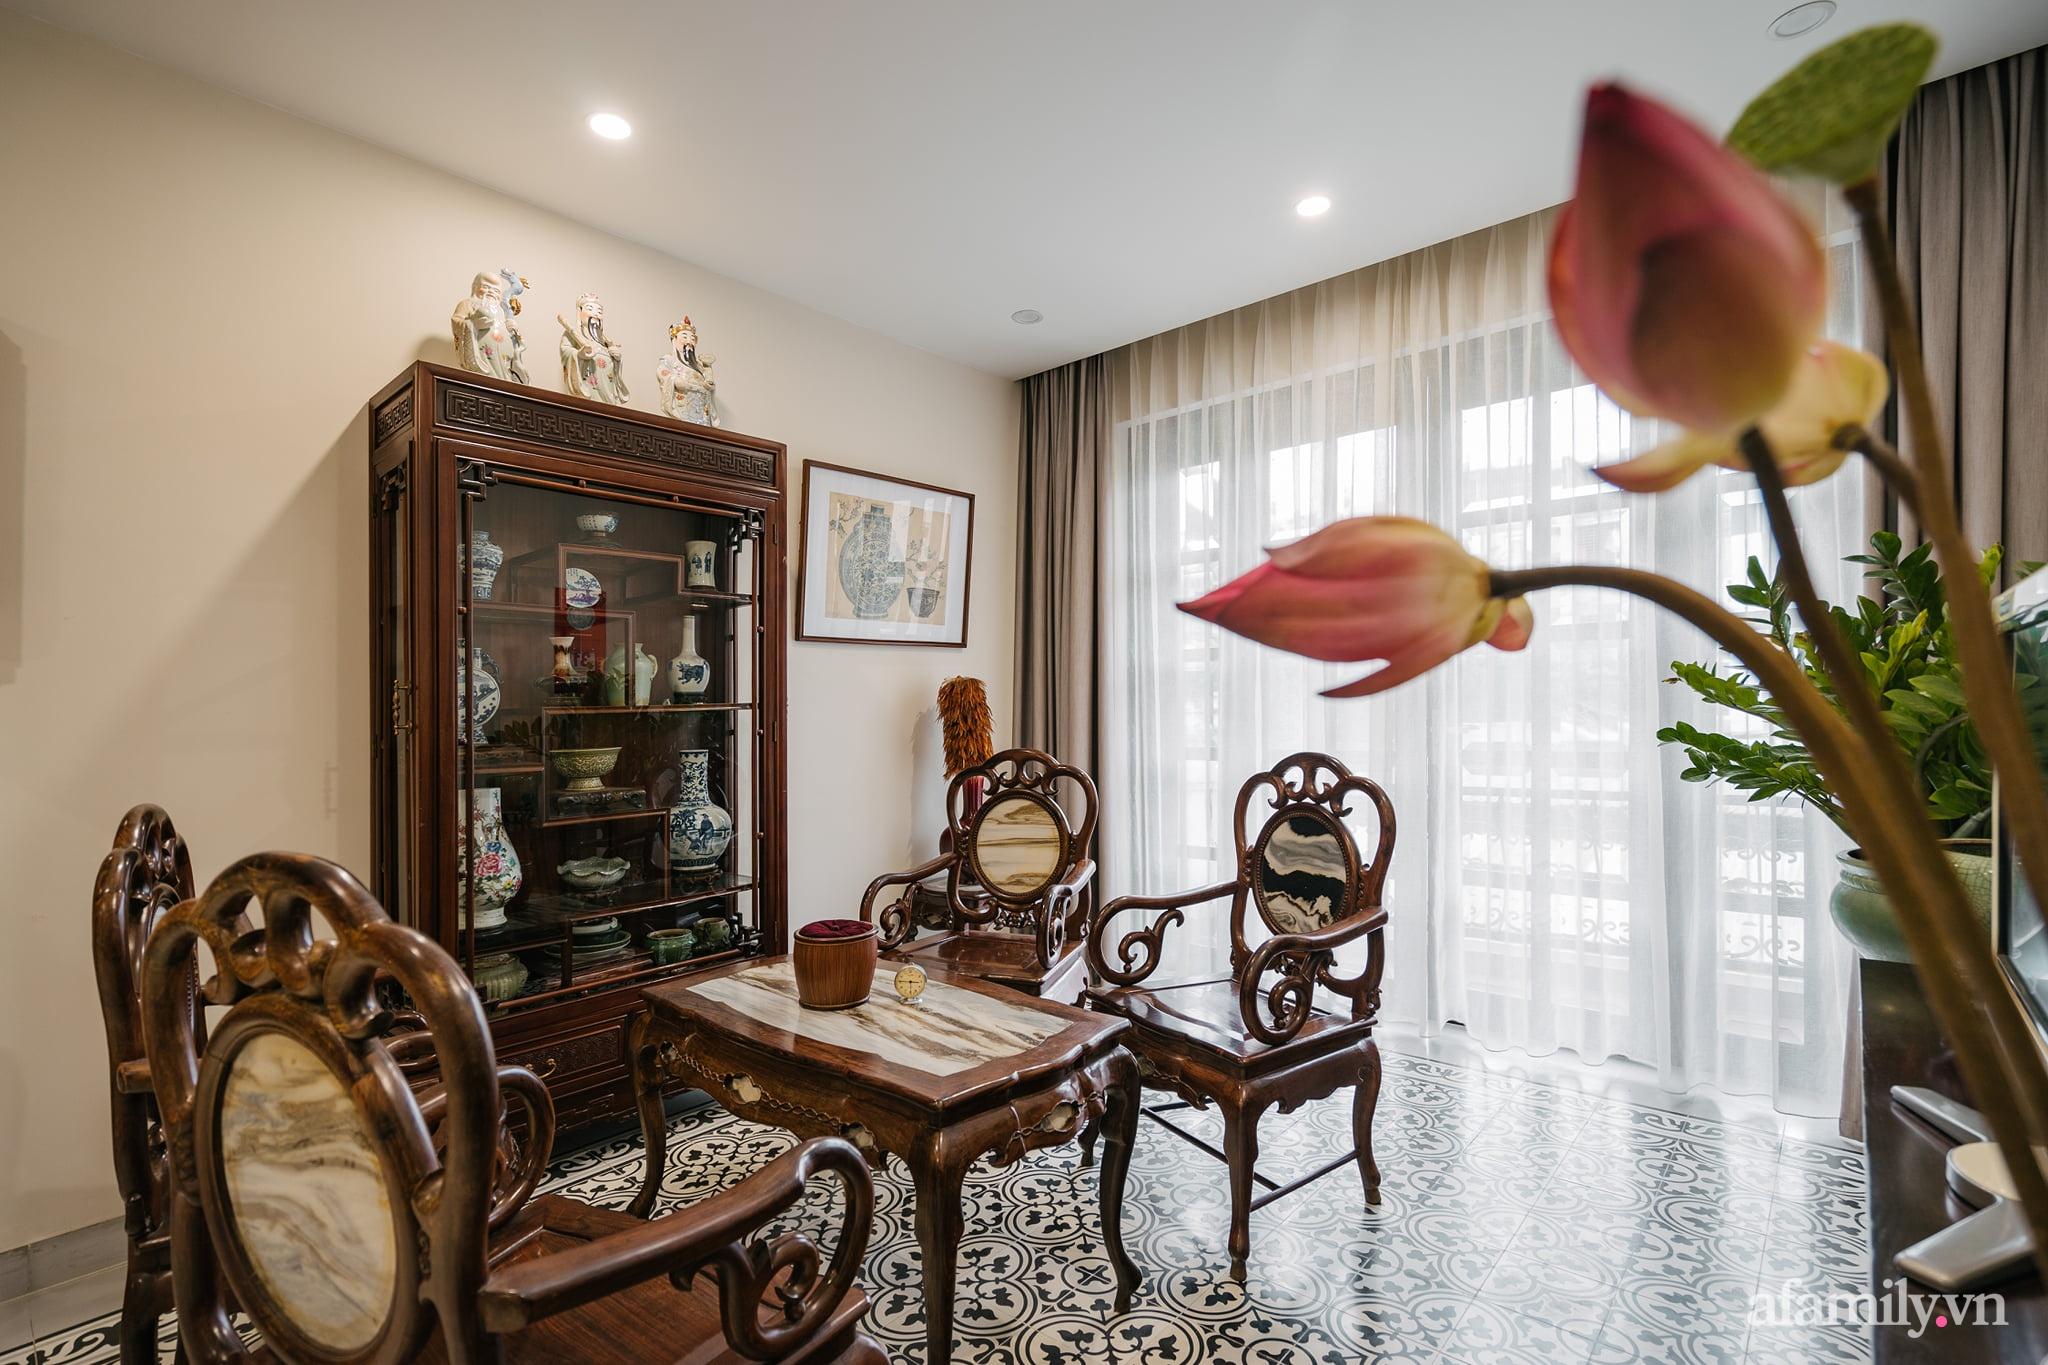 Căn nhà của miền ký ức được xây dựng từ lòng hiếu thảo của con trai dành cho bố mẹ ở Long Biên, Hà Nội - Ảnh 8.